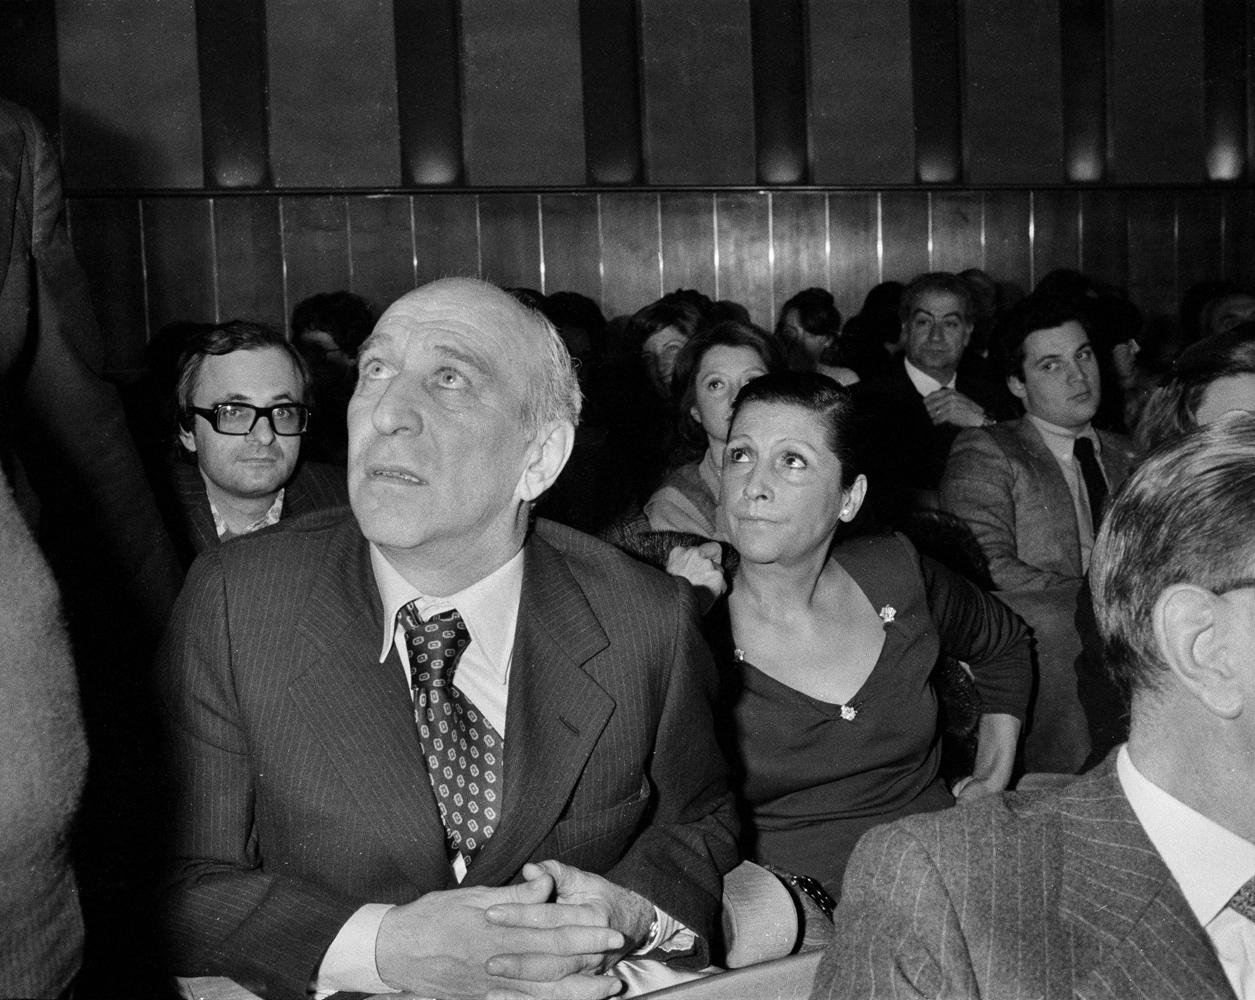 Italian film director Giuliano Montaldo and his wife Vera Pescarolo, seen in 1979.